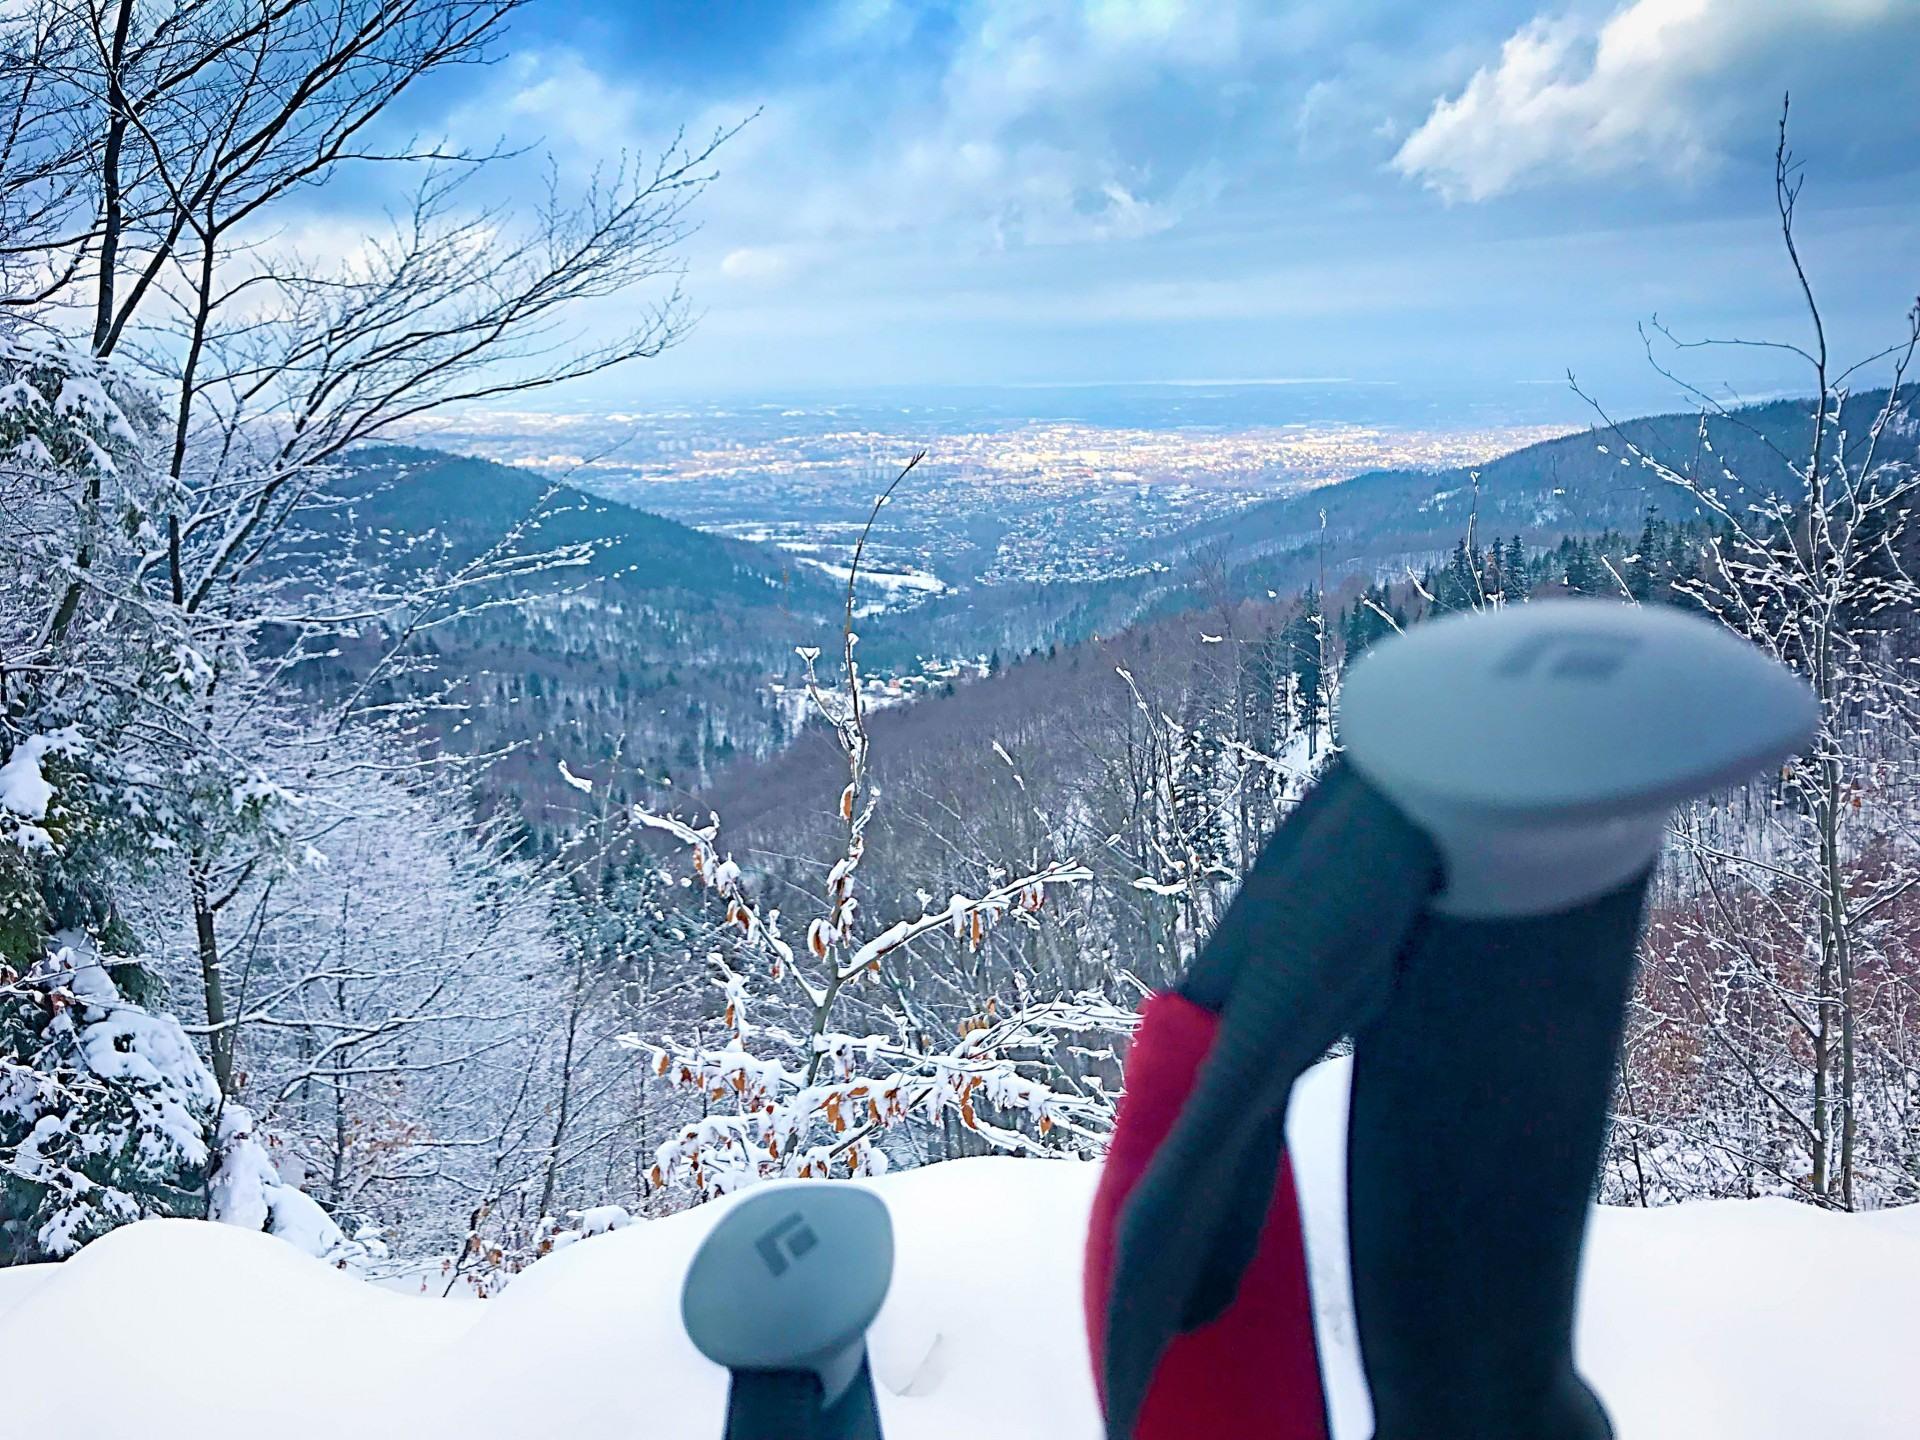 Magurka, widok ze szlaku turystycznego w pobliżu noclegów nad Jeziorem Żywieckim, domki Rozmaryn